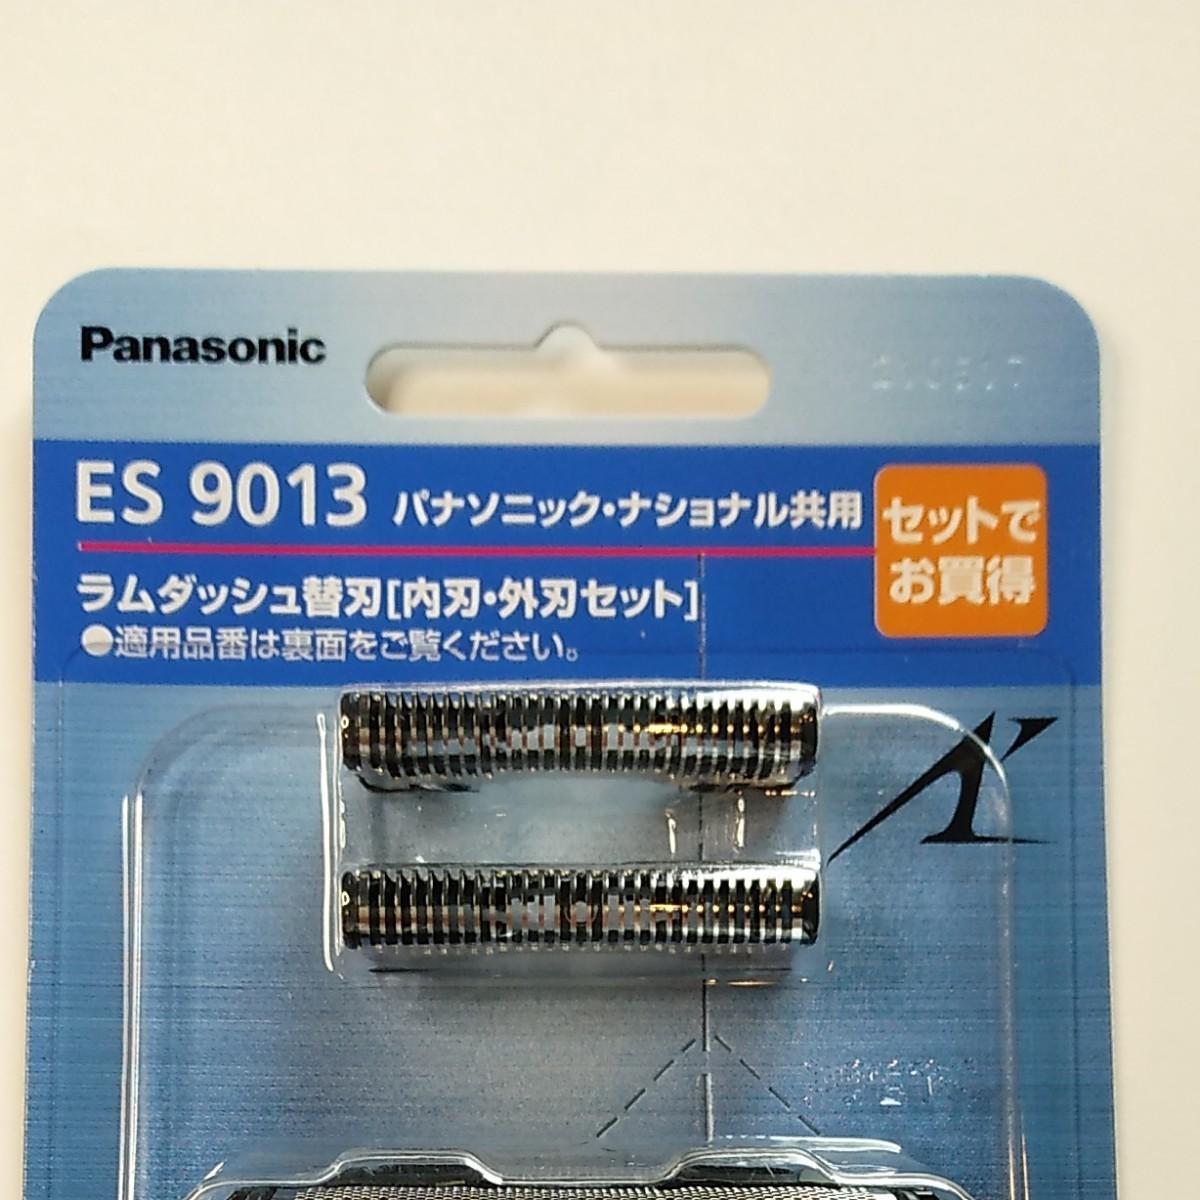 パナソニックラムダッシュ 替刃 内刃外刃セット ES9013